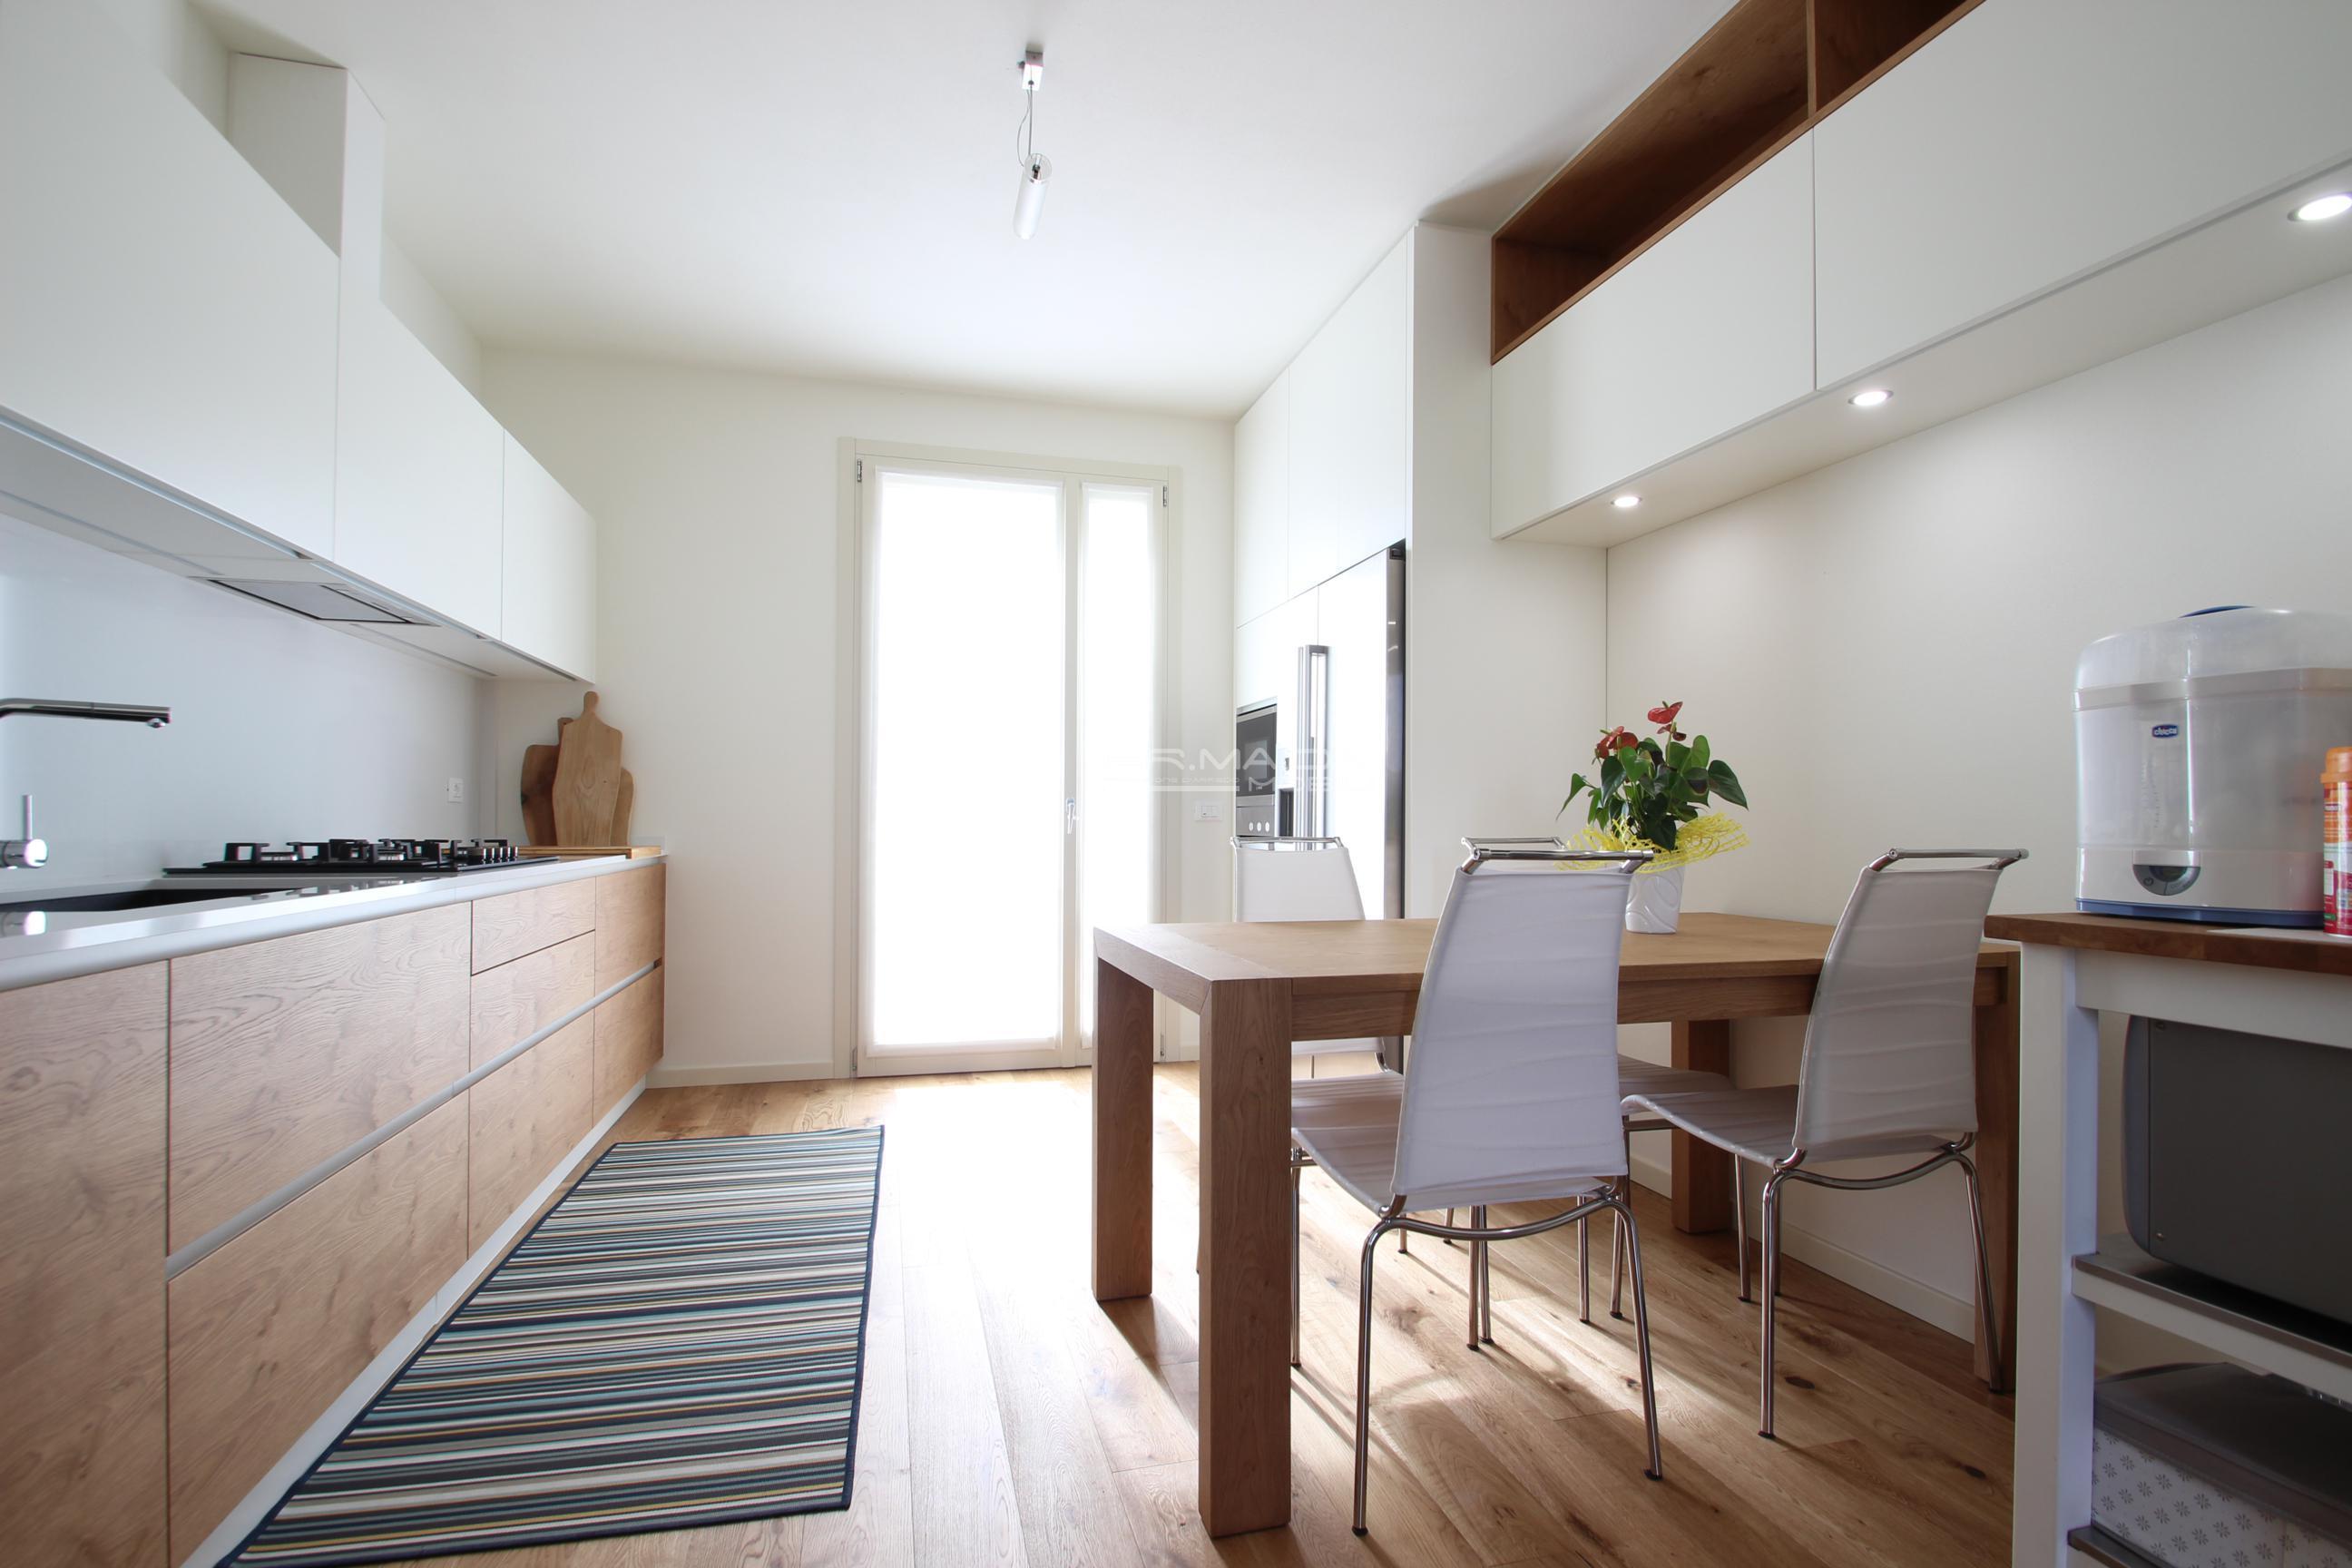 25 Cucina lineare in 2 pareti - ER. MA. DA. Mobilificio - Progetta e ...